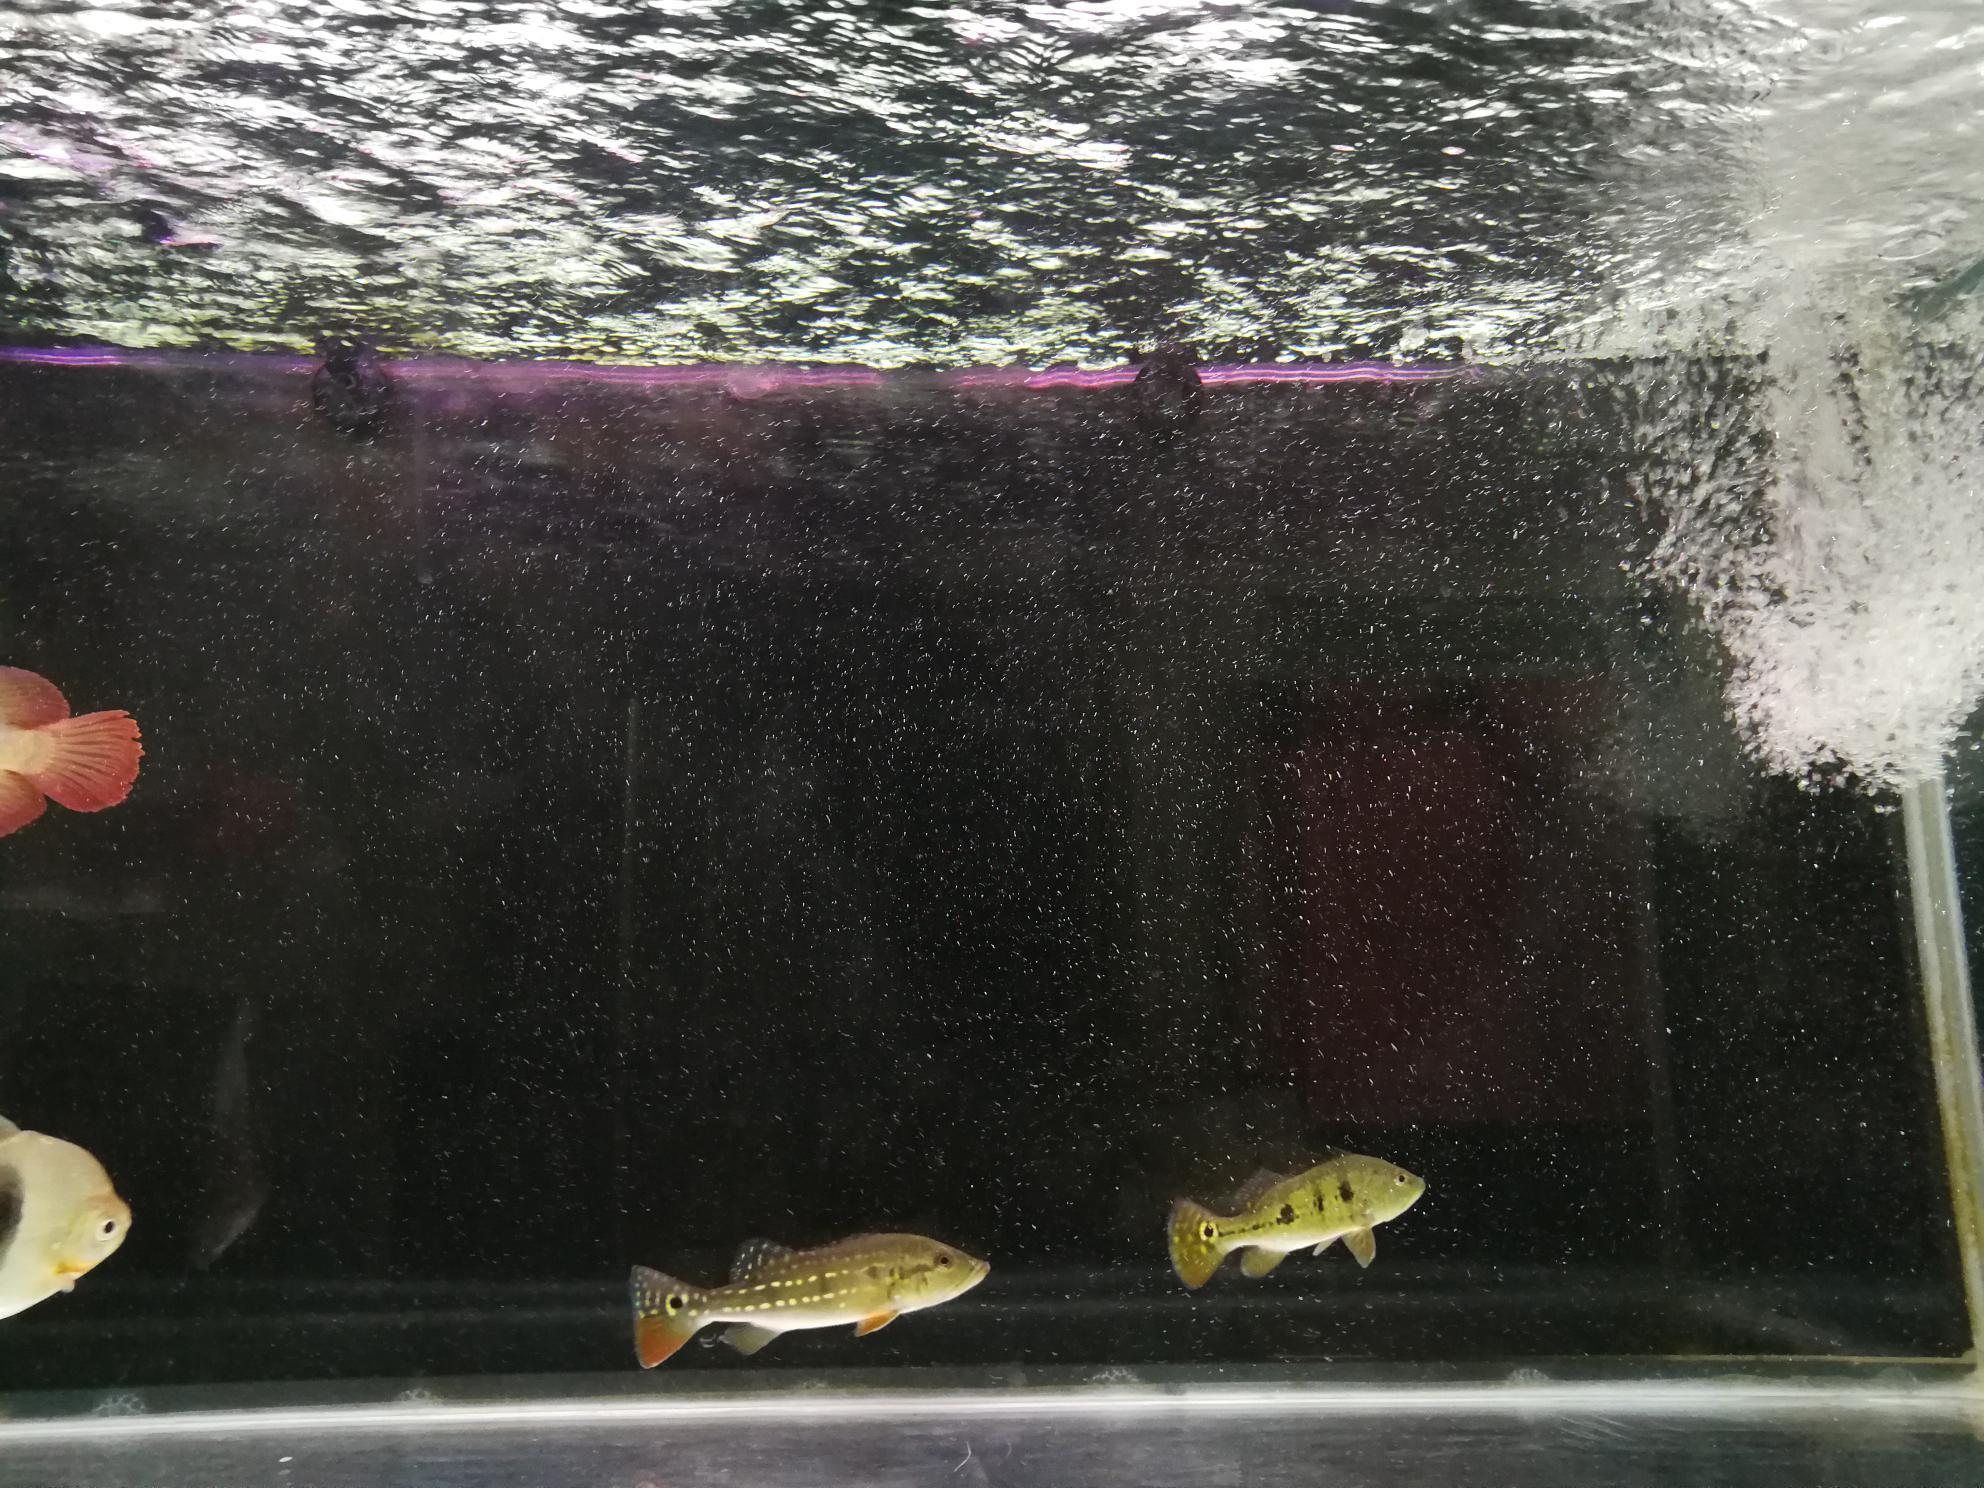 鱼缸里的水有水泡 西安观赏鱼信息 西安博特第6张